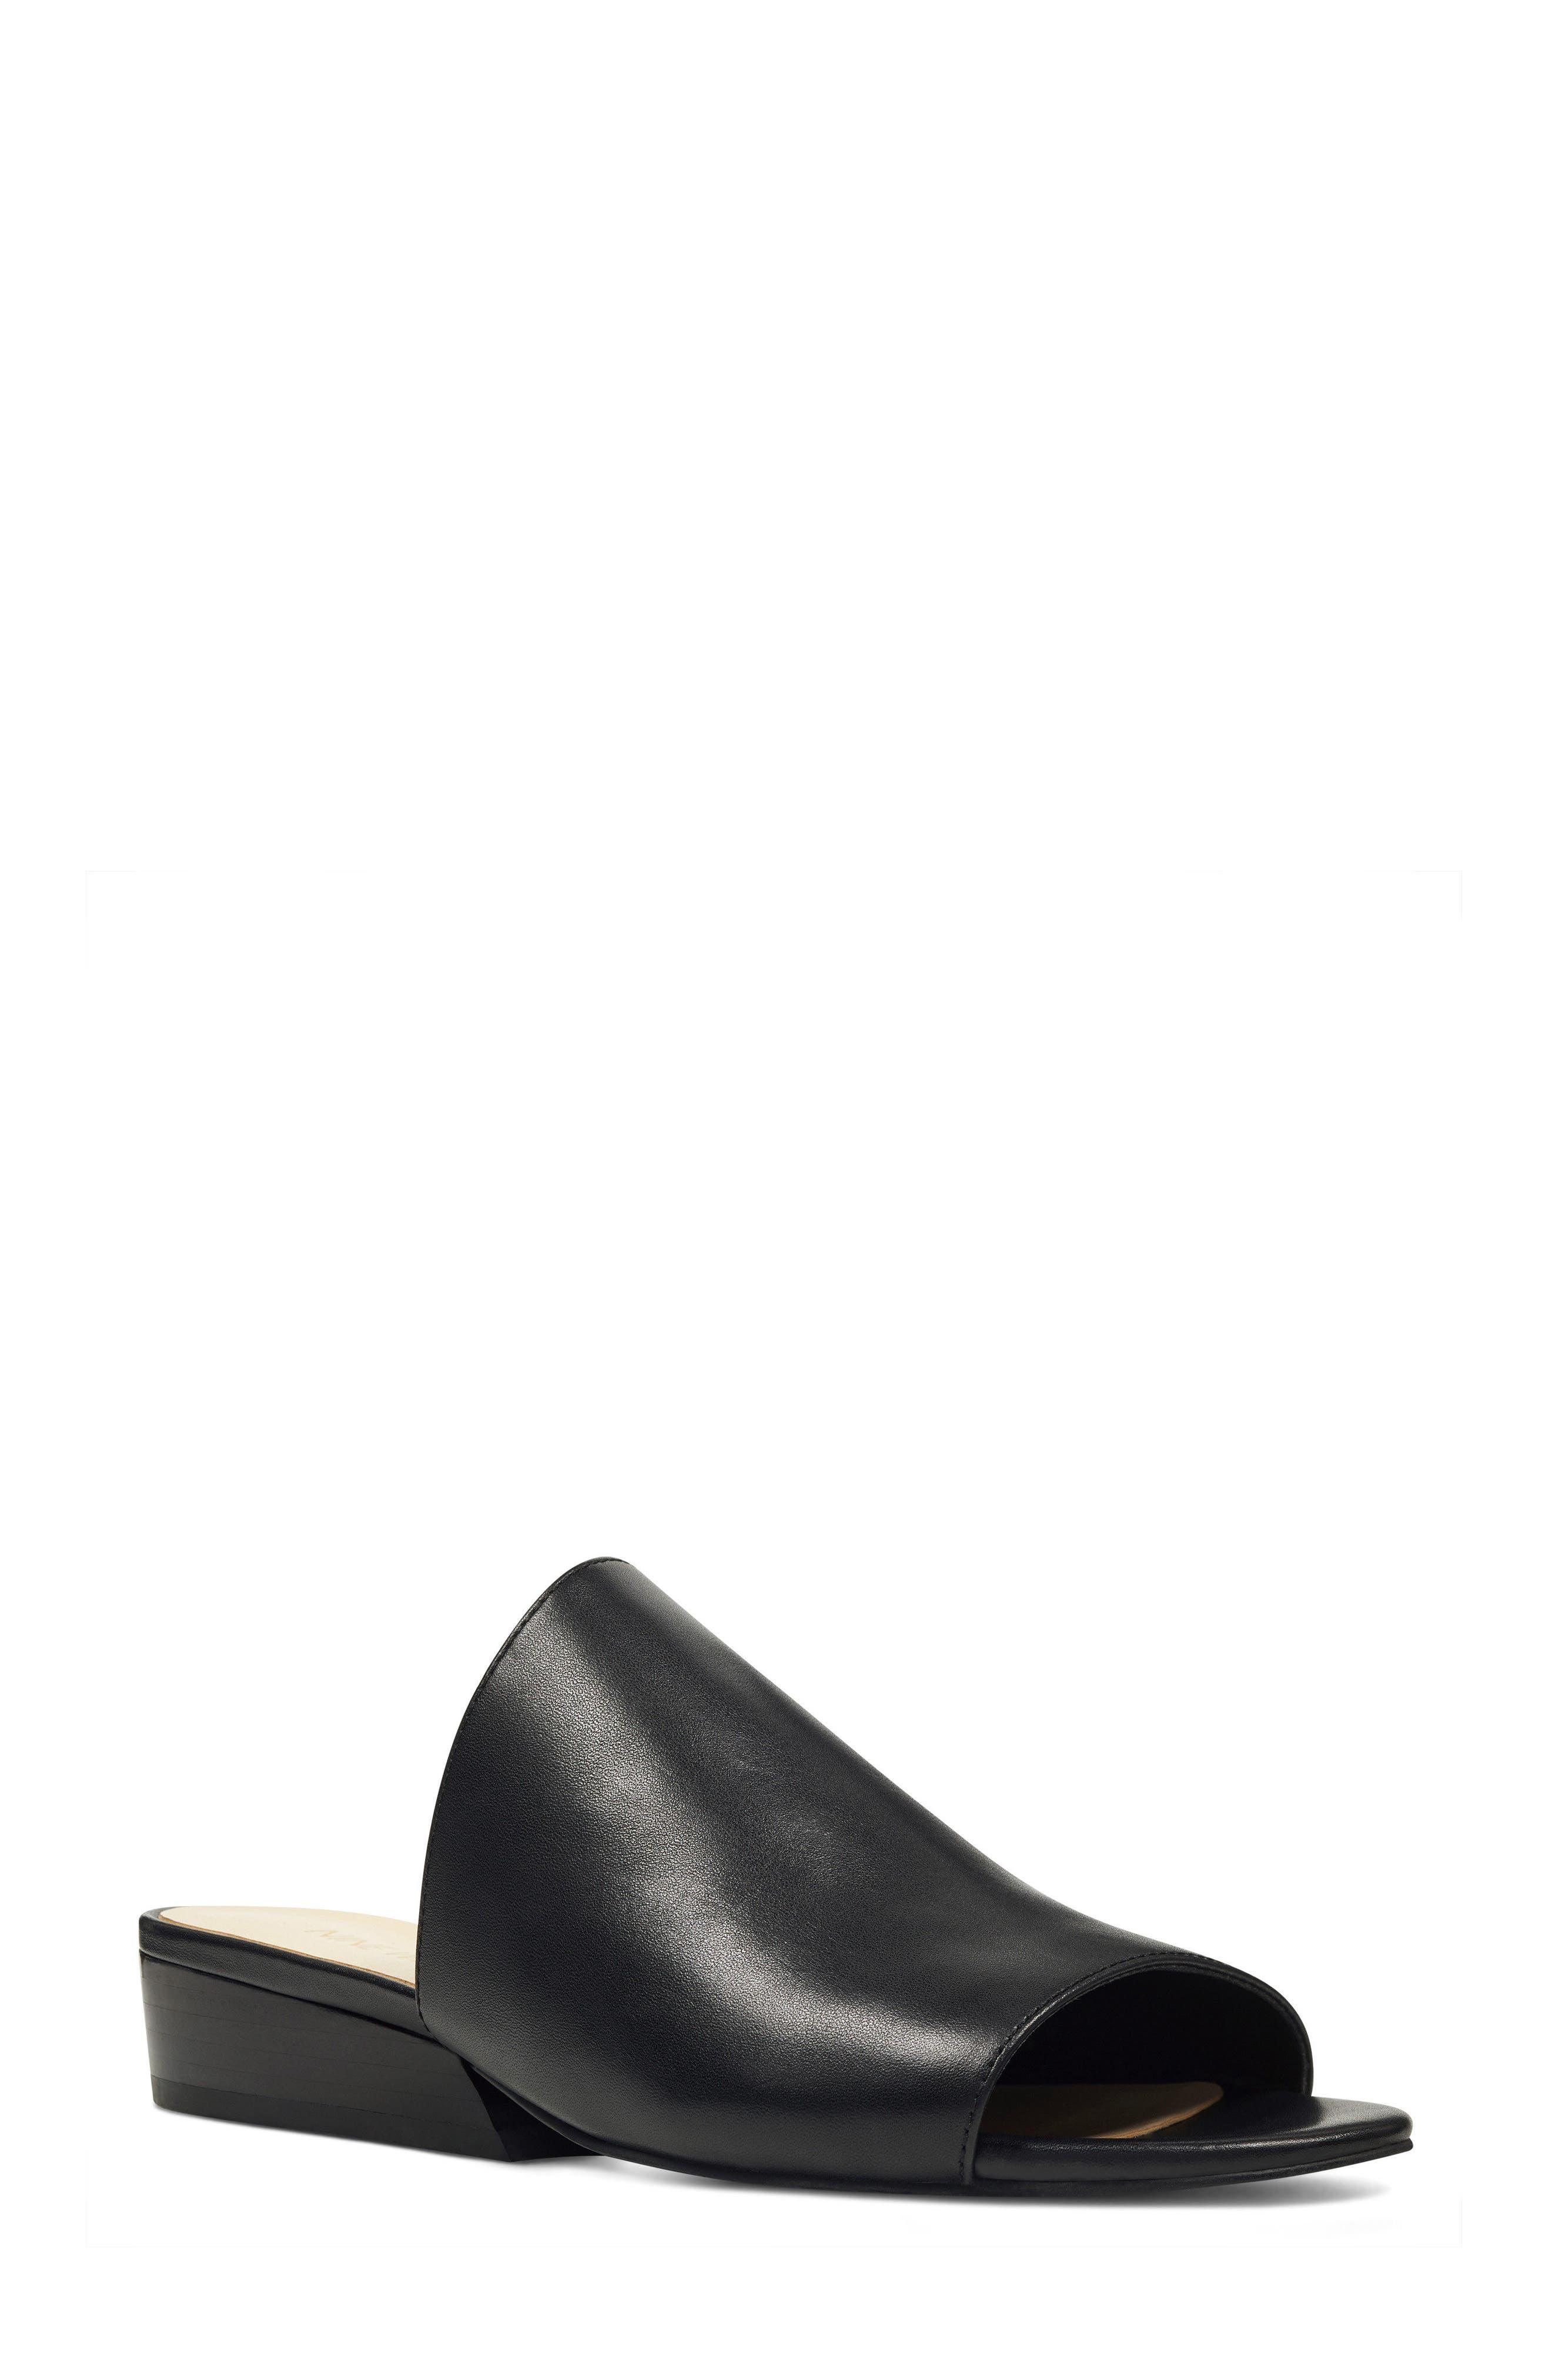 Lynneah Sandal,                         Main,                         color, Black Leather